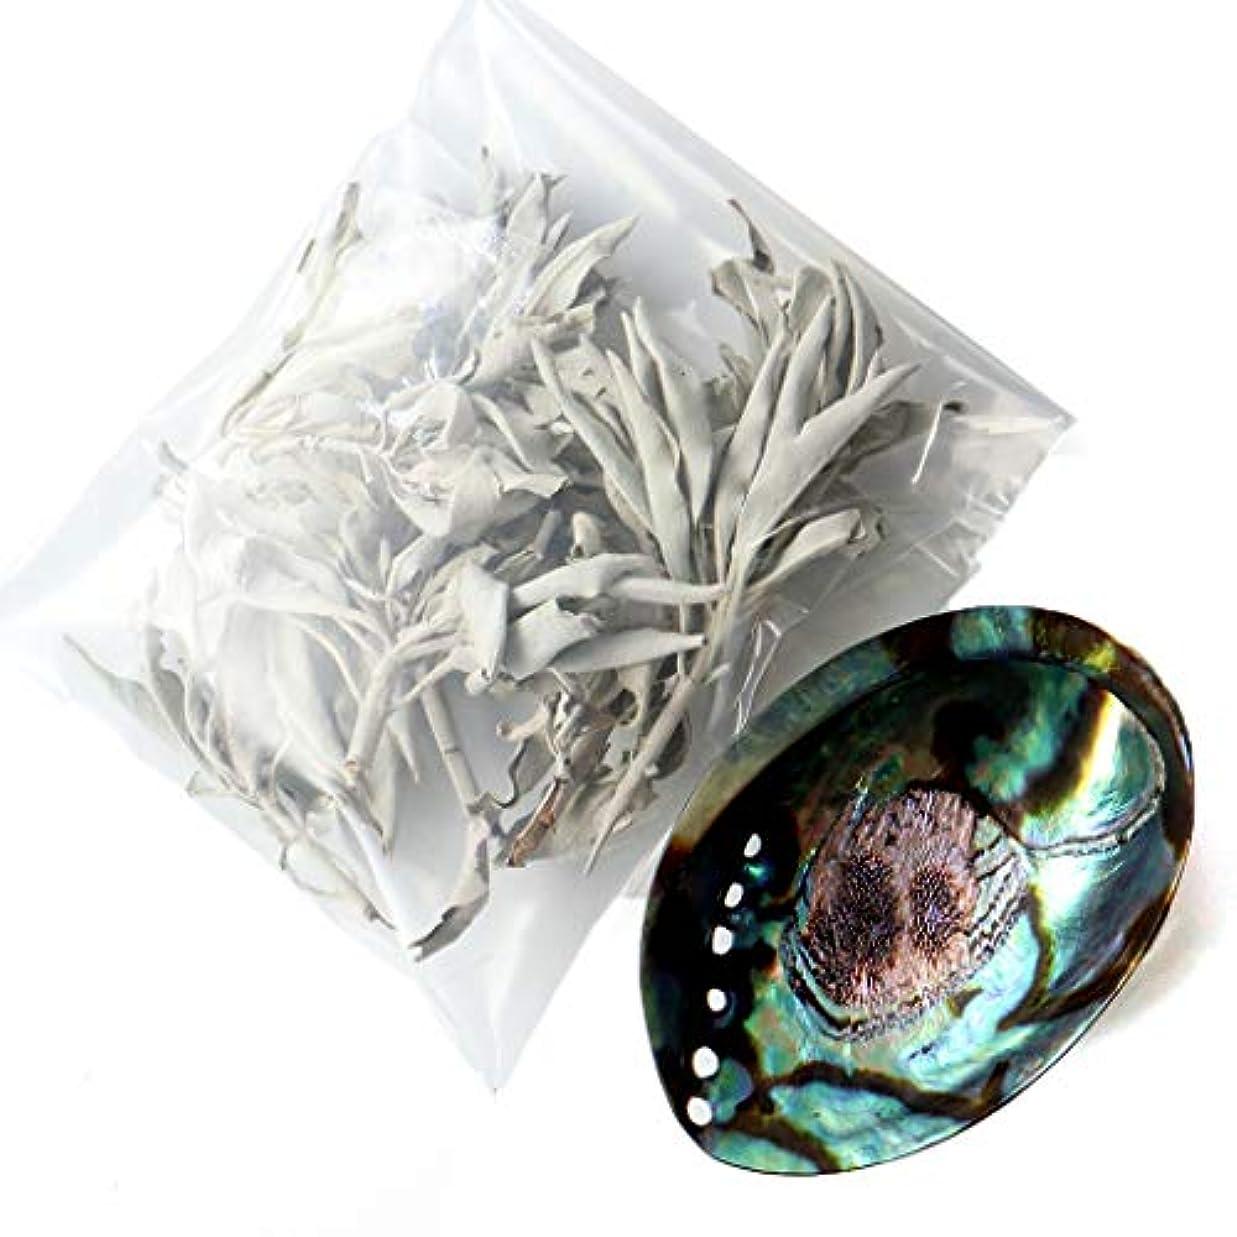 コードウィスキー前投薬ホワイトセージ 枝付き 30g前後 アバロンシェル 浄化皿 セット